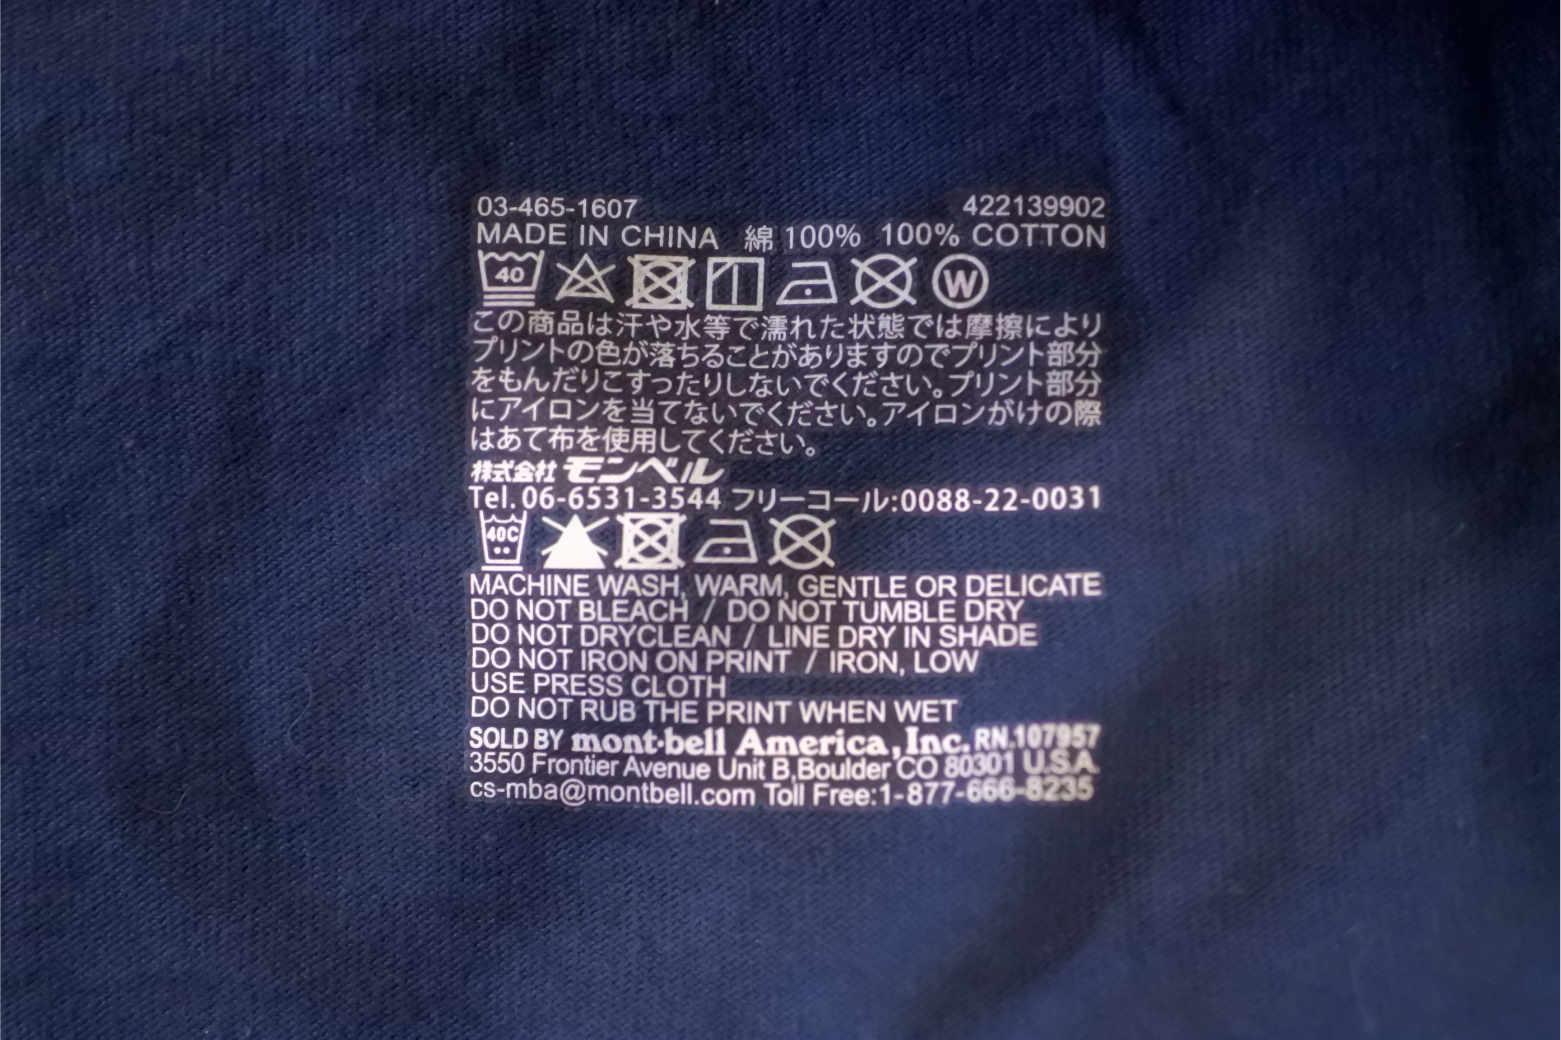 ペアスキンコットンTシャツの洗濯タグ